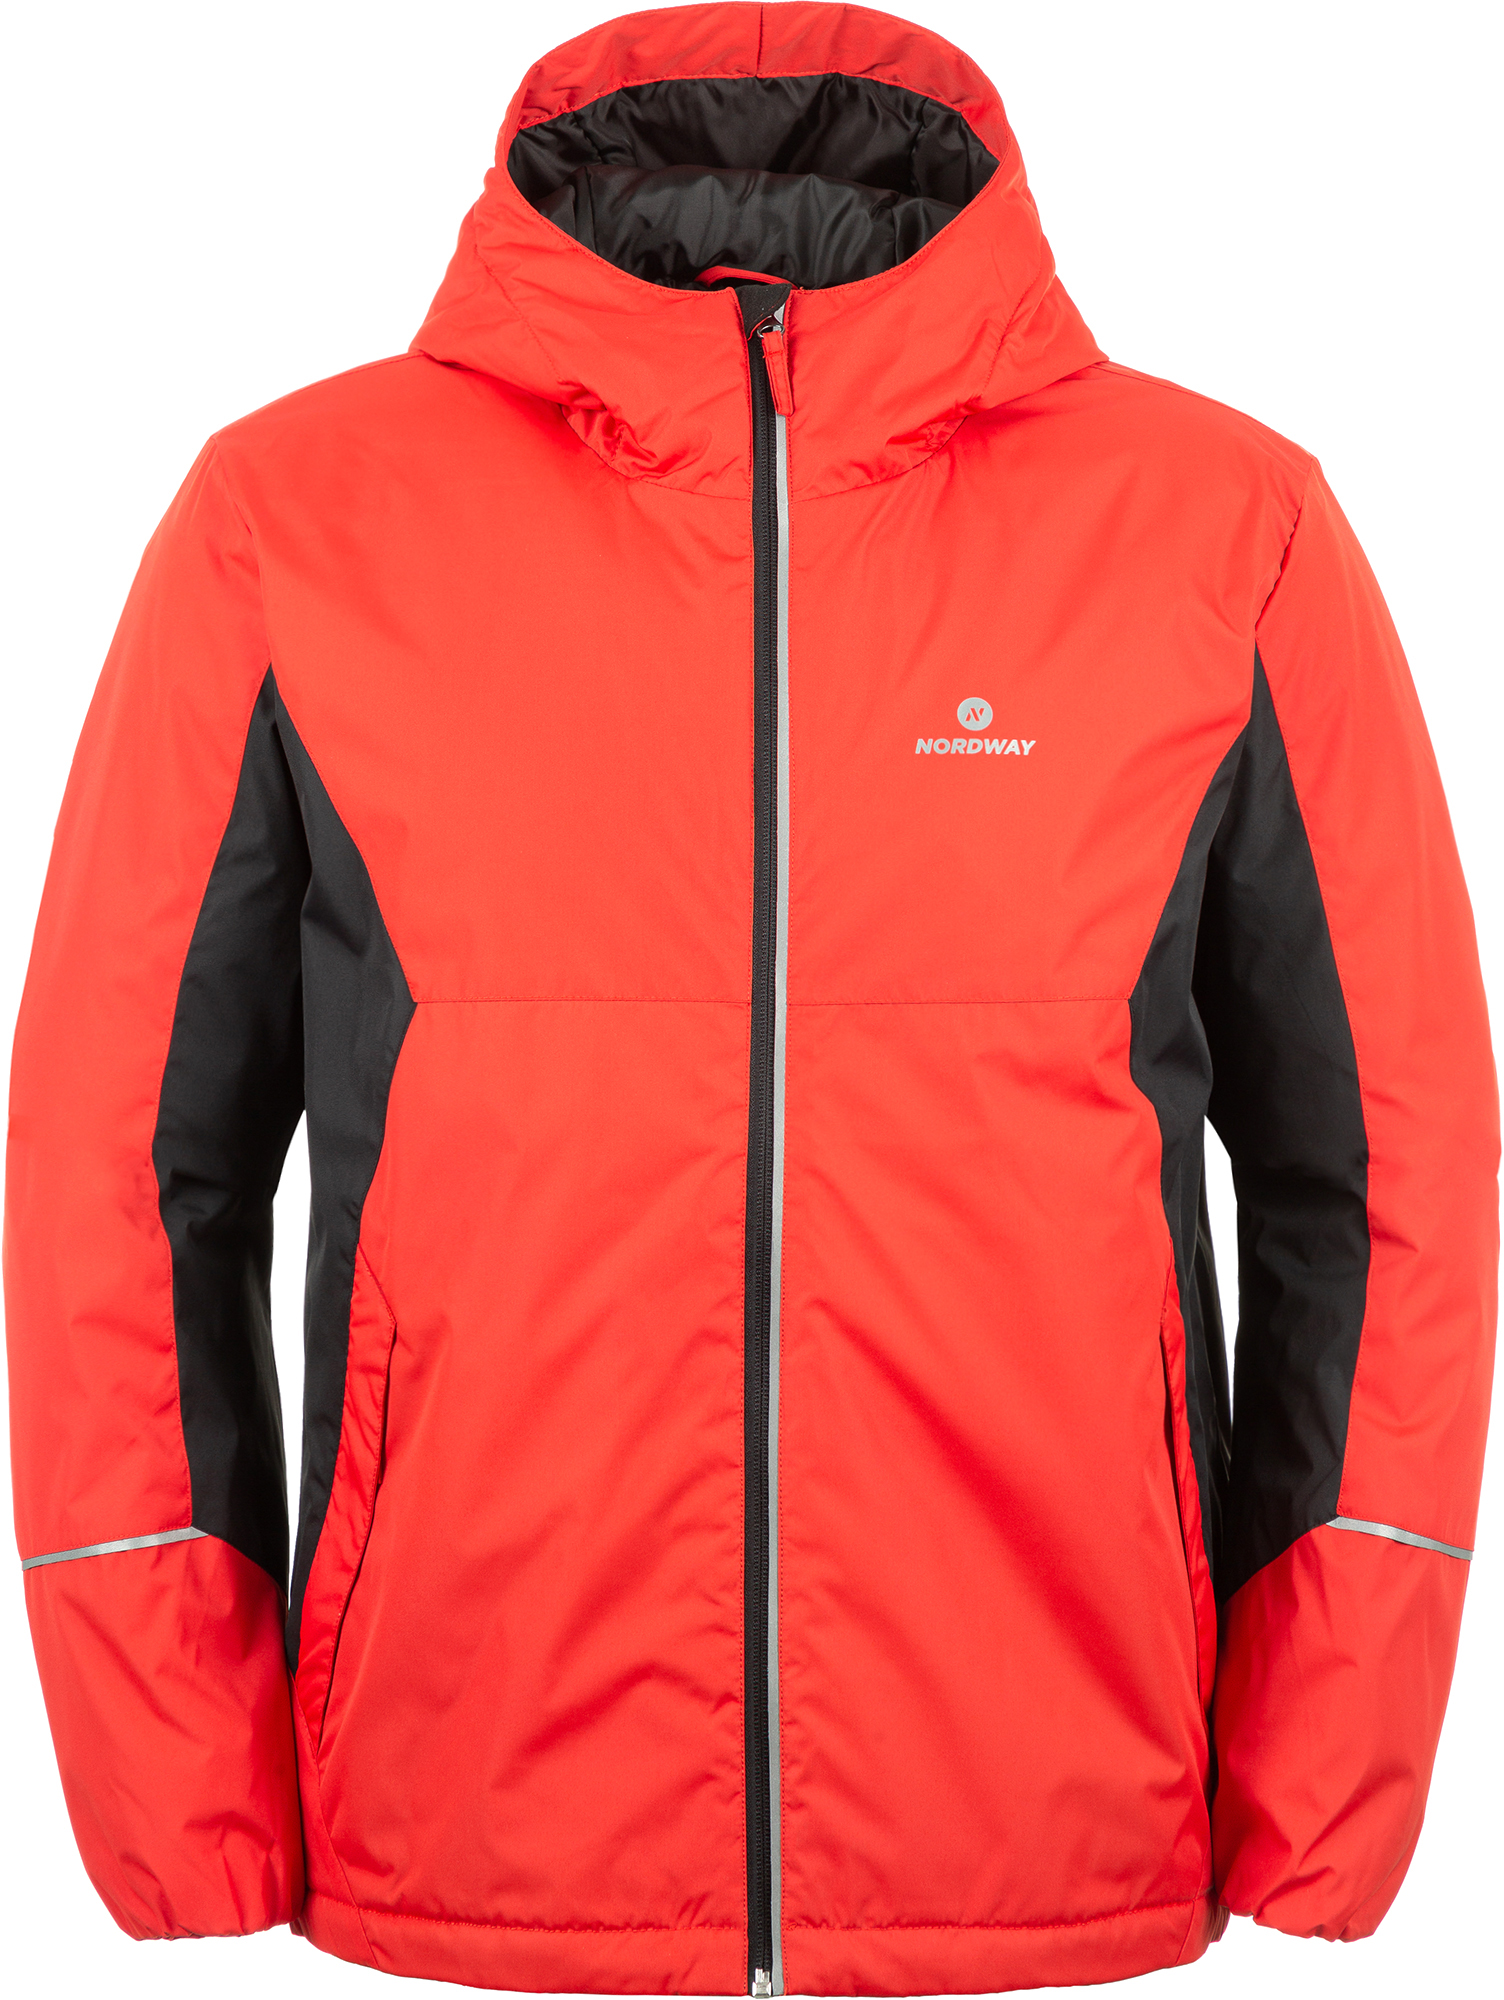 Nordway Куртка утепленная мужская Nordway, размер 46